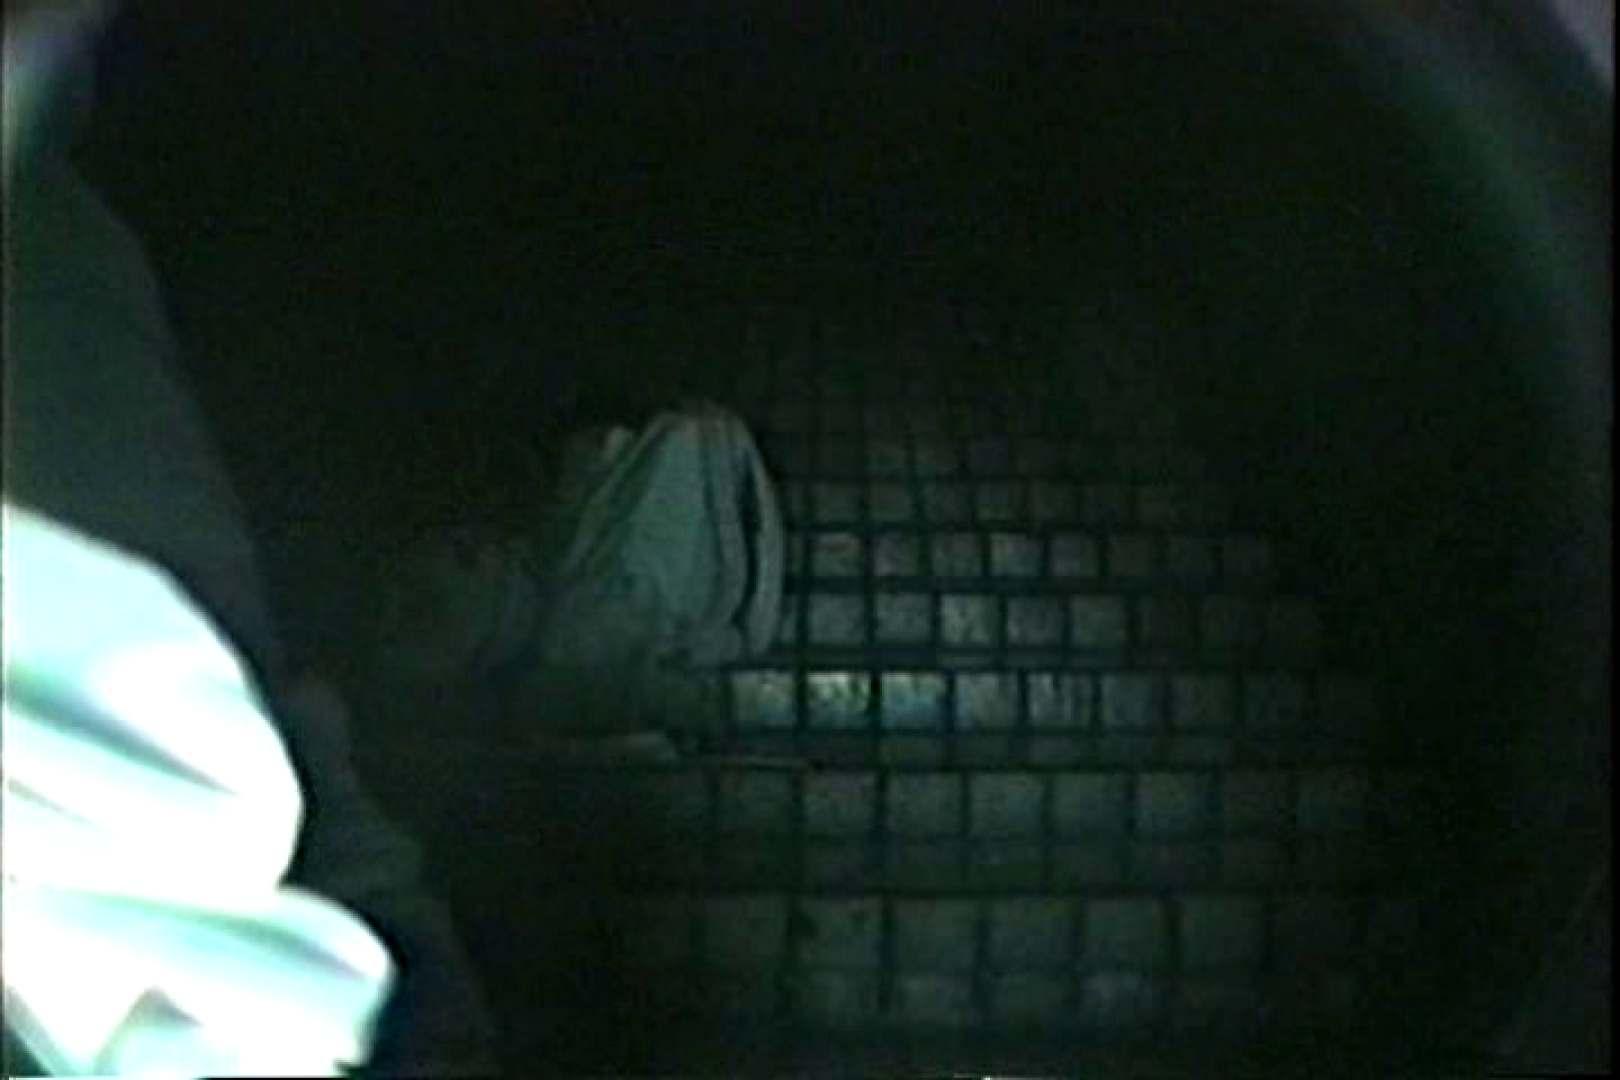 闇の仕掛け人 無修正版 Vol.17 セックス オマンコ動画キャプチャ 102pic 67